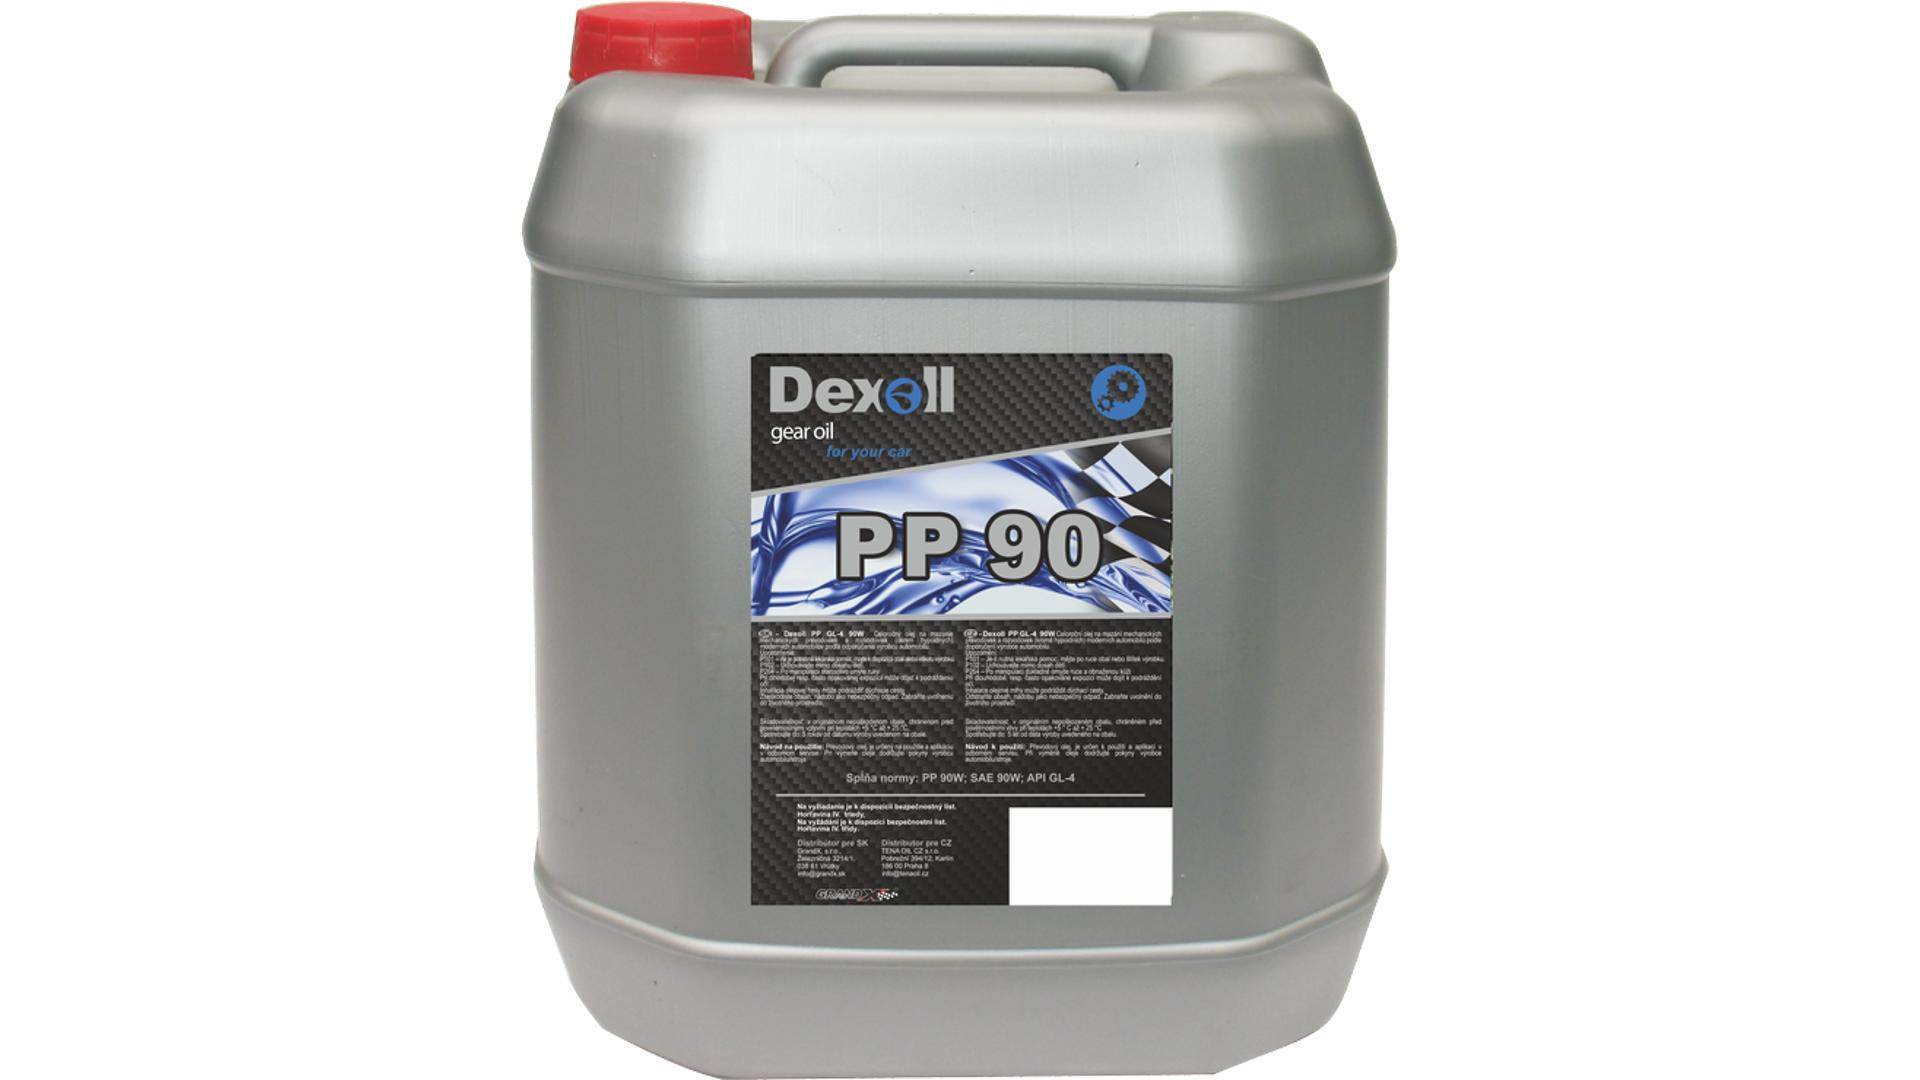 DEXOLL PP GL-4 90W 20L